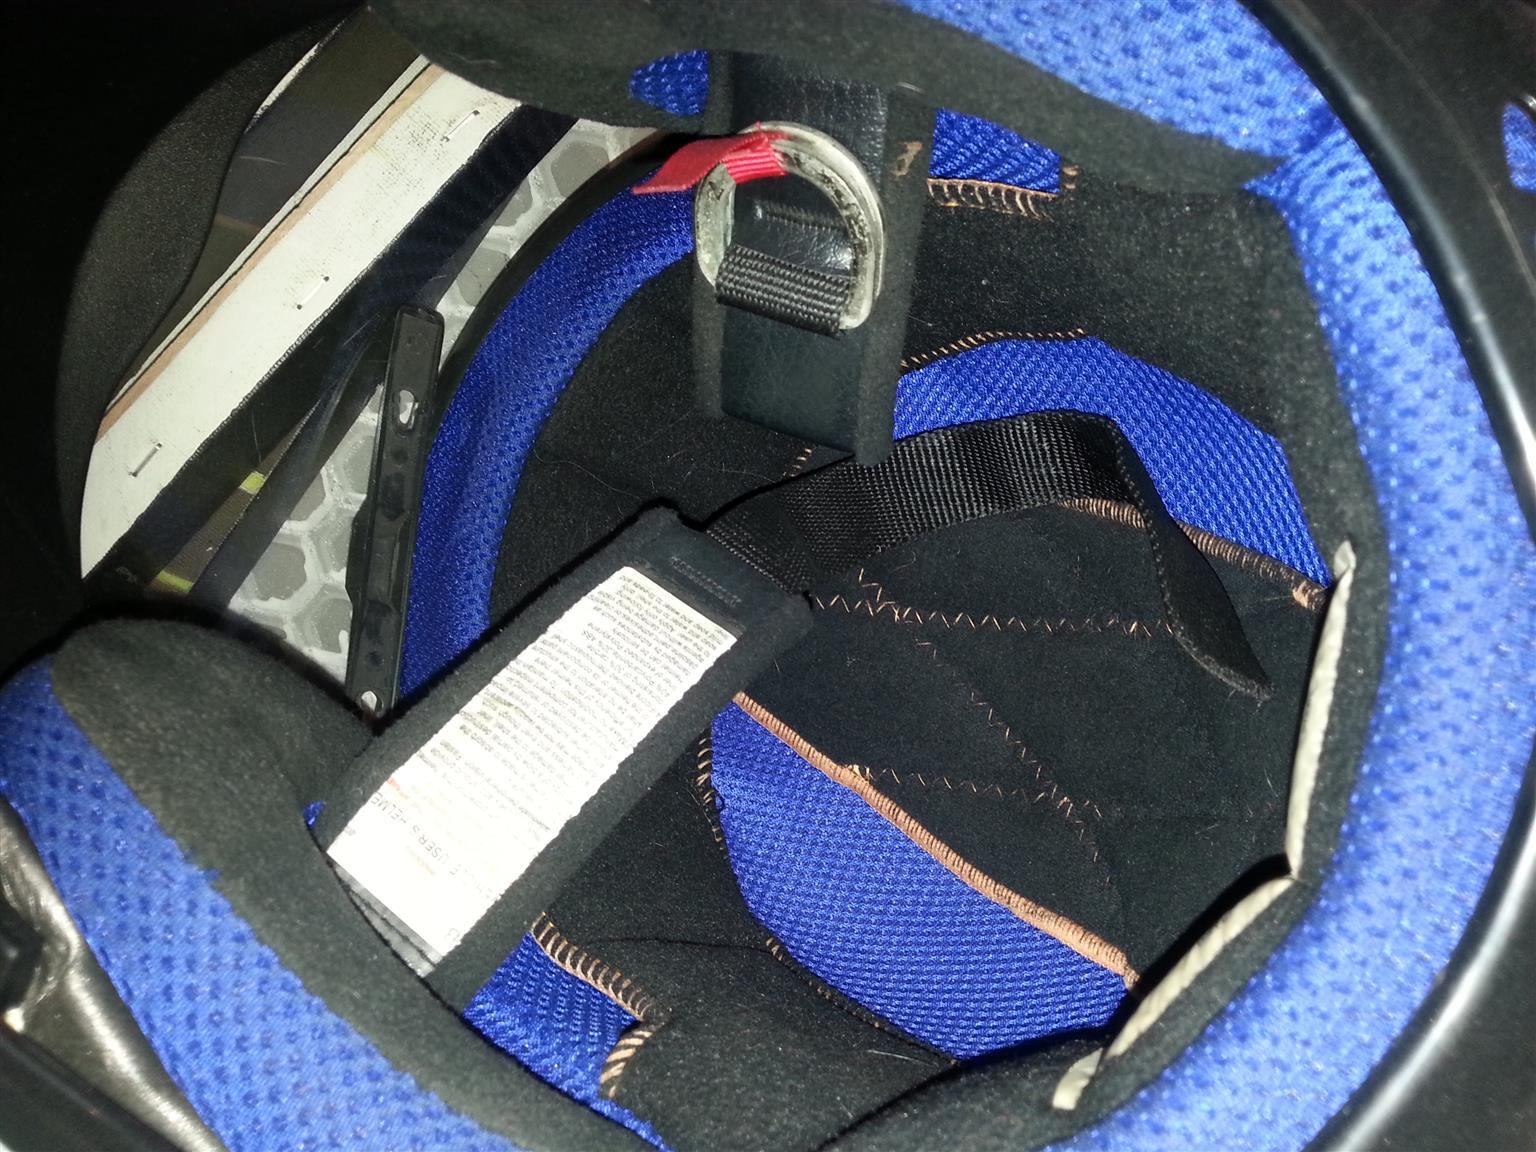 Motorbike Helmet VR1 (x2) R800 ea.